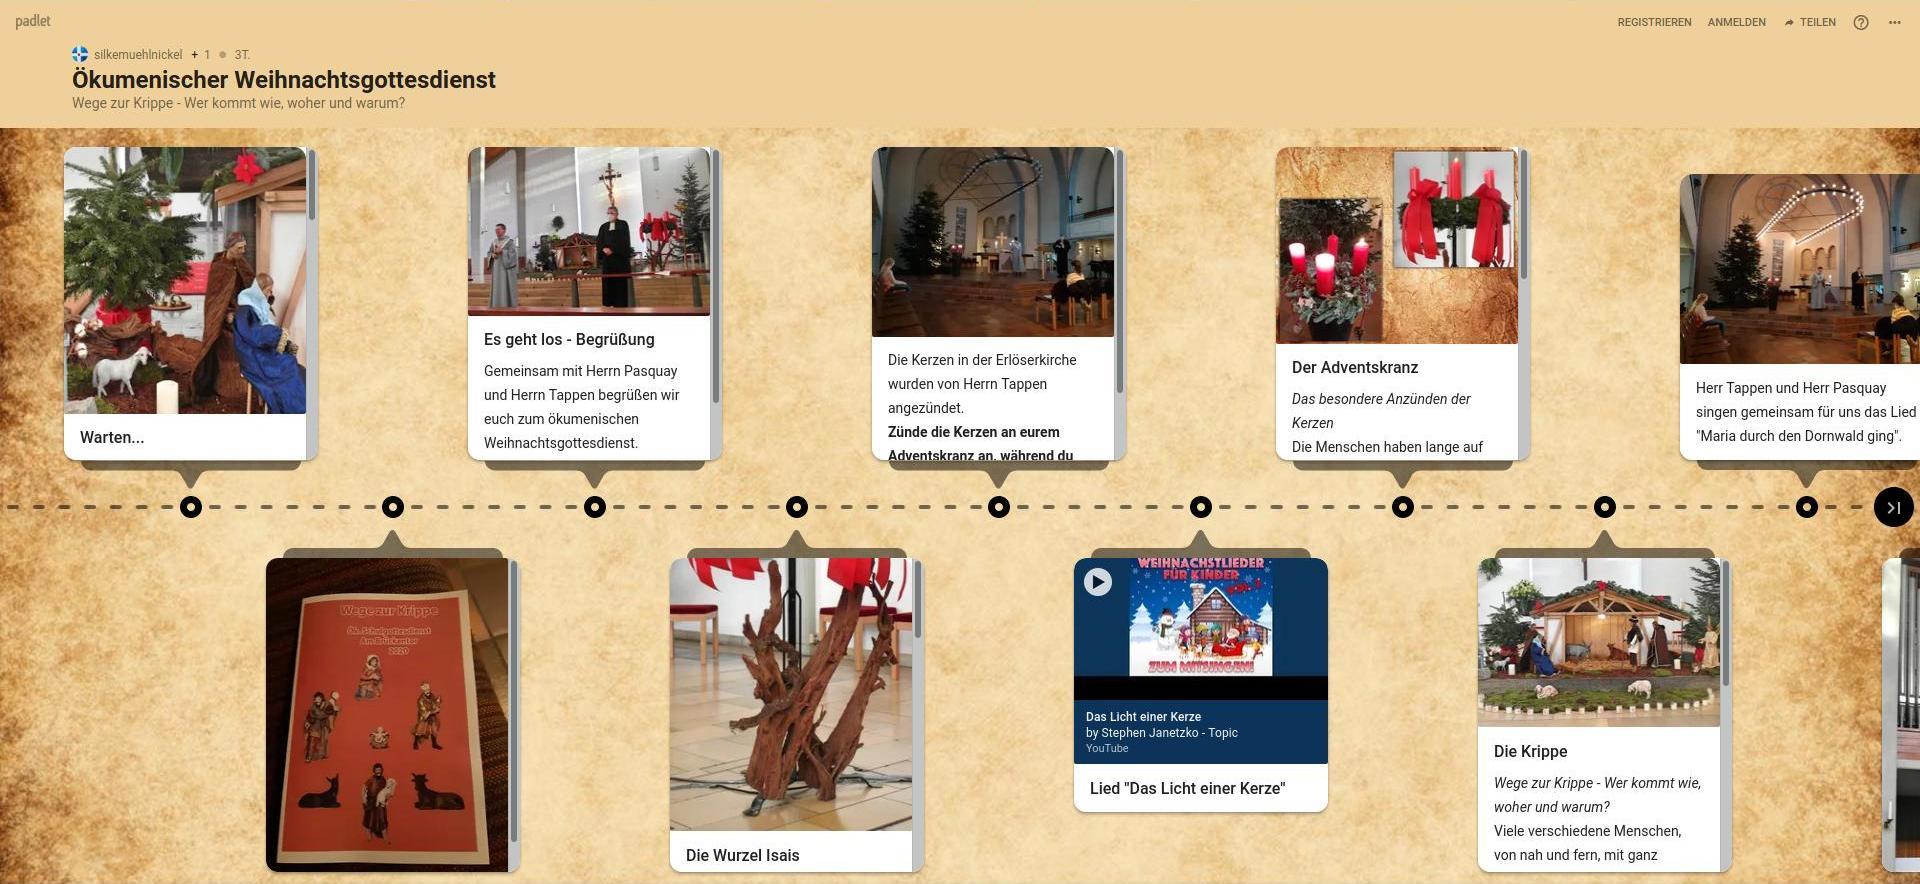 Weihnachtsgottesdienst insbesondere für Grundschulkinder